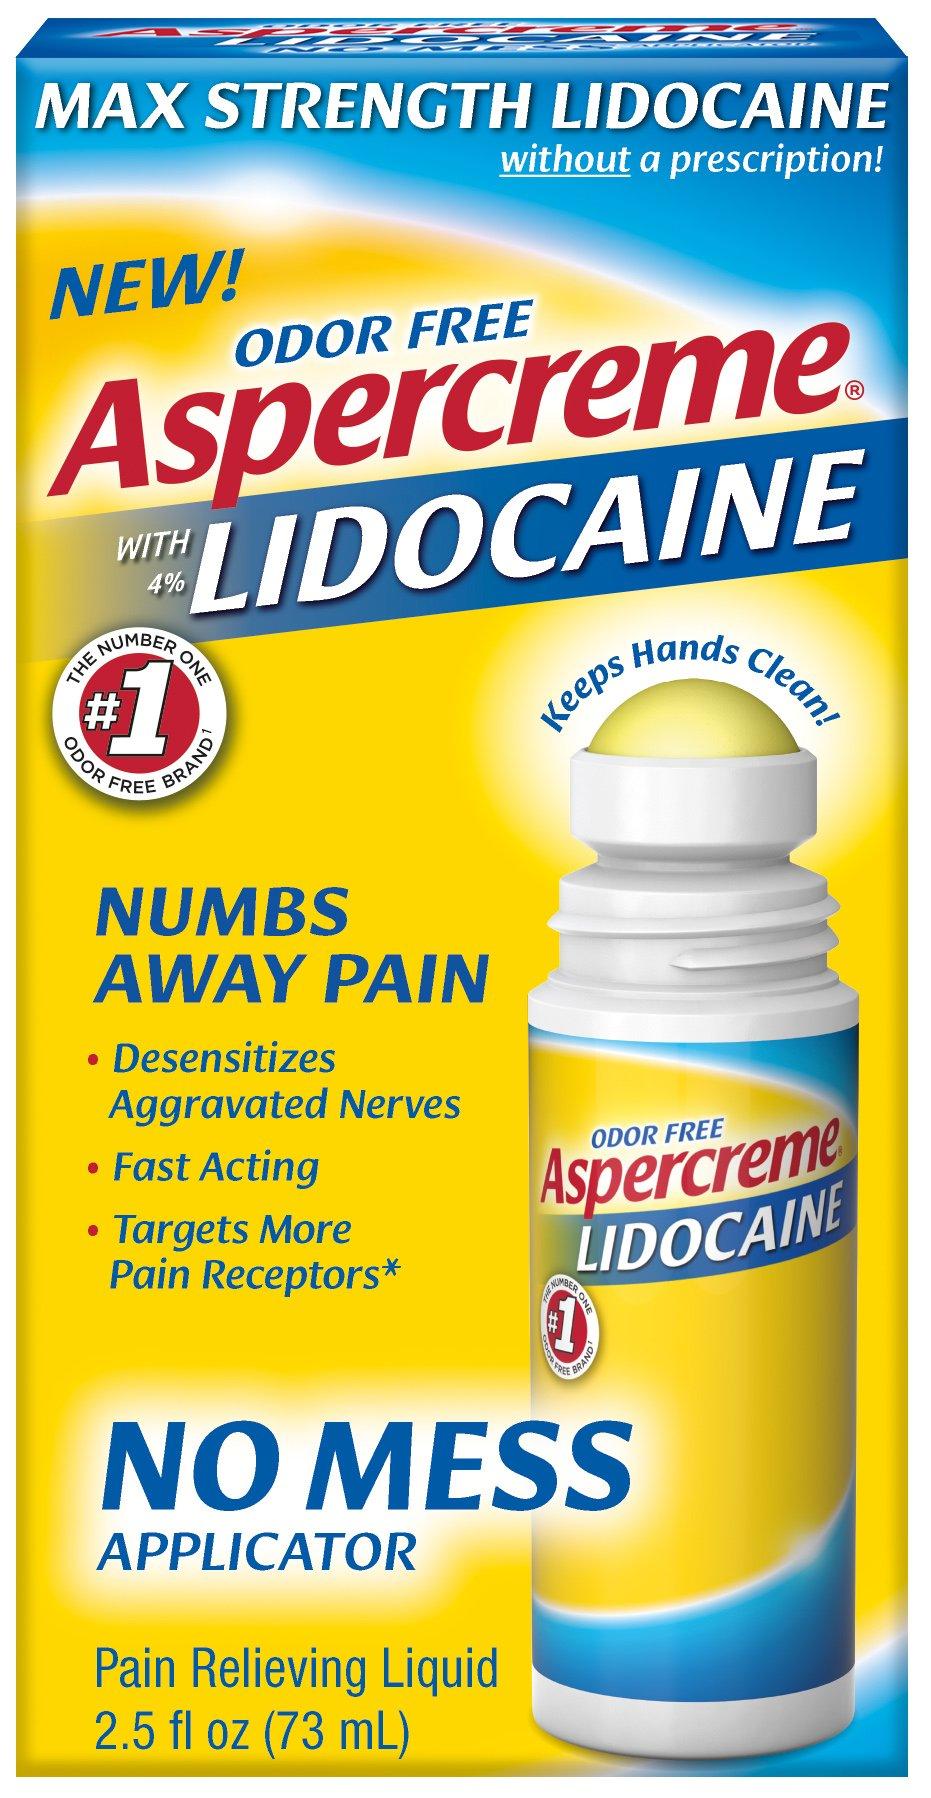 Aspercreme 4% Lidocaine No Mess Applicator, 2.5 oz, Pack of 3